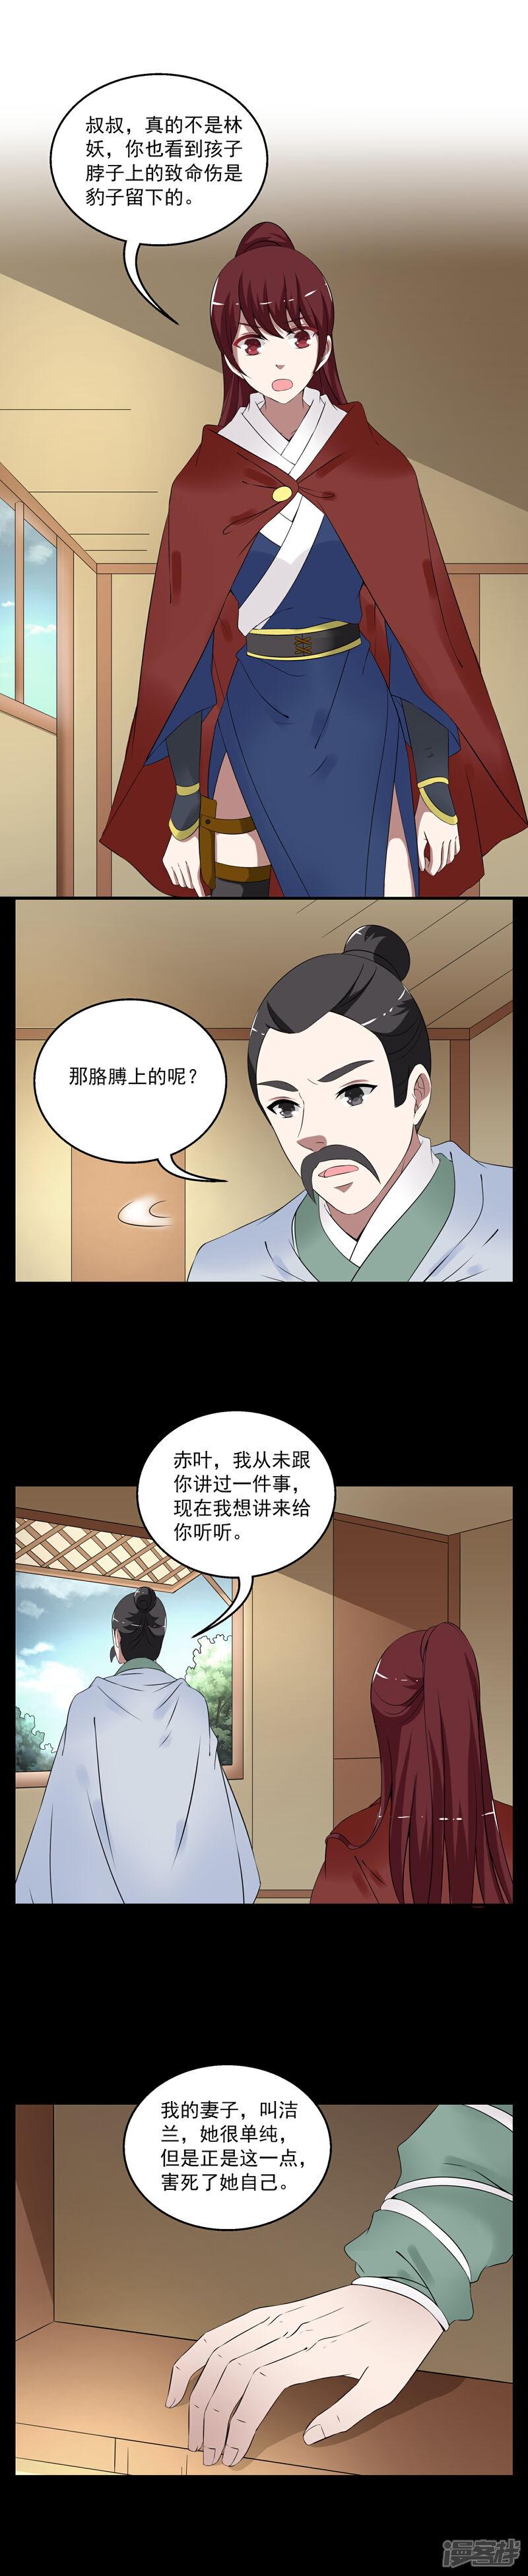 洛小妖179 (2).JPG